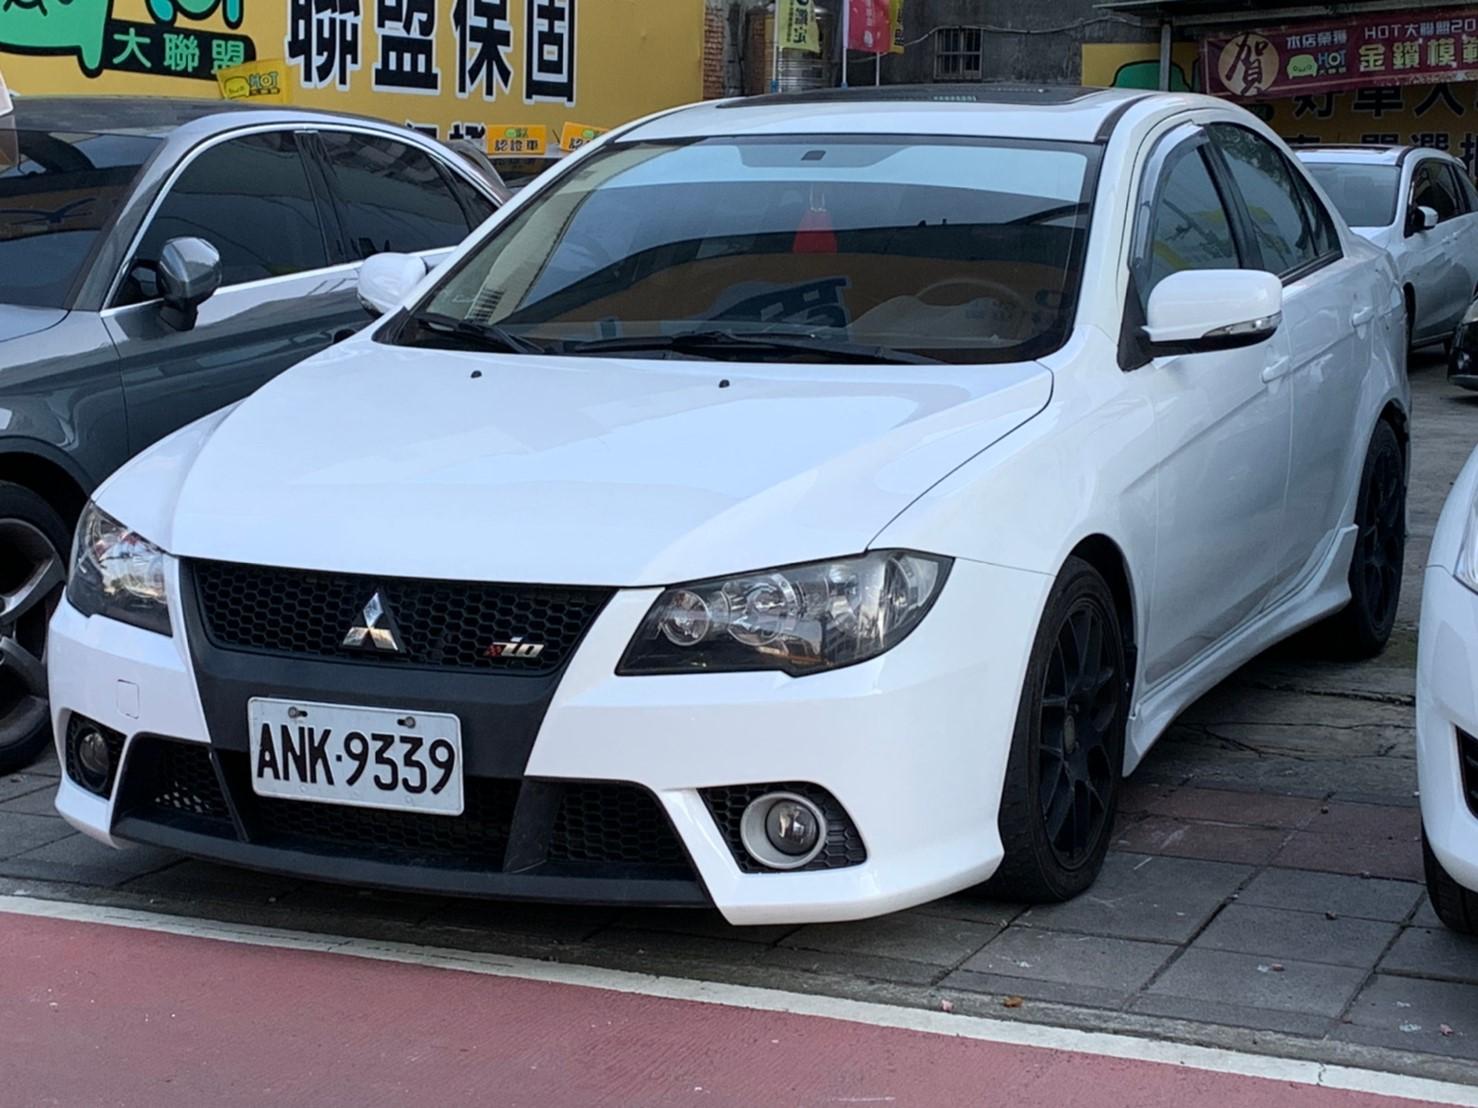 2011 Mitsubishi 三菱 Lancer Fortis